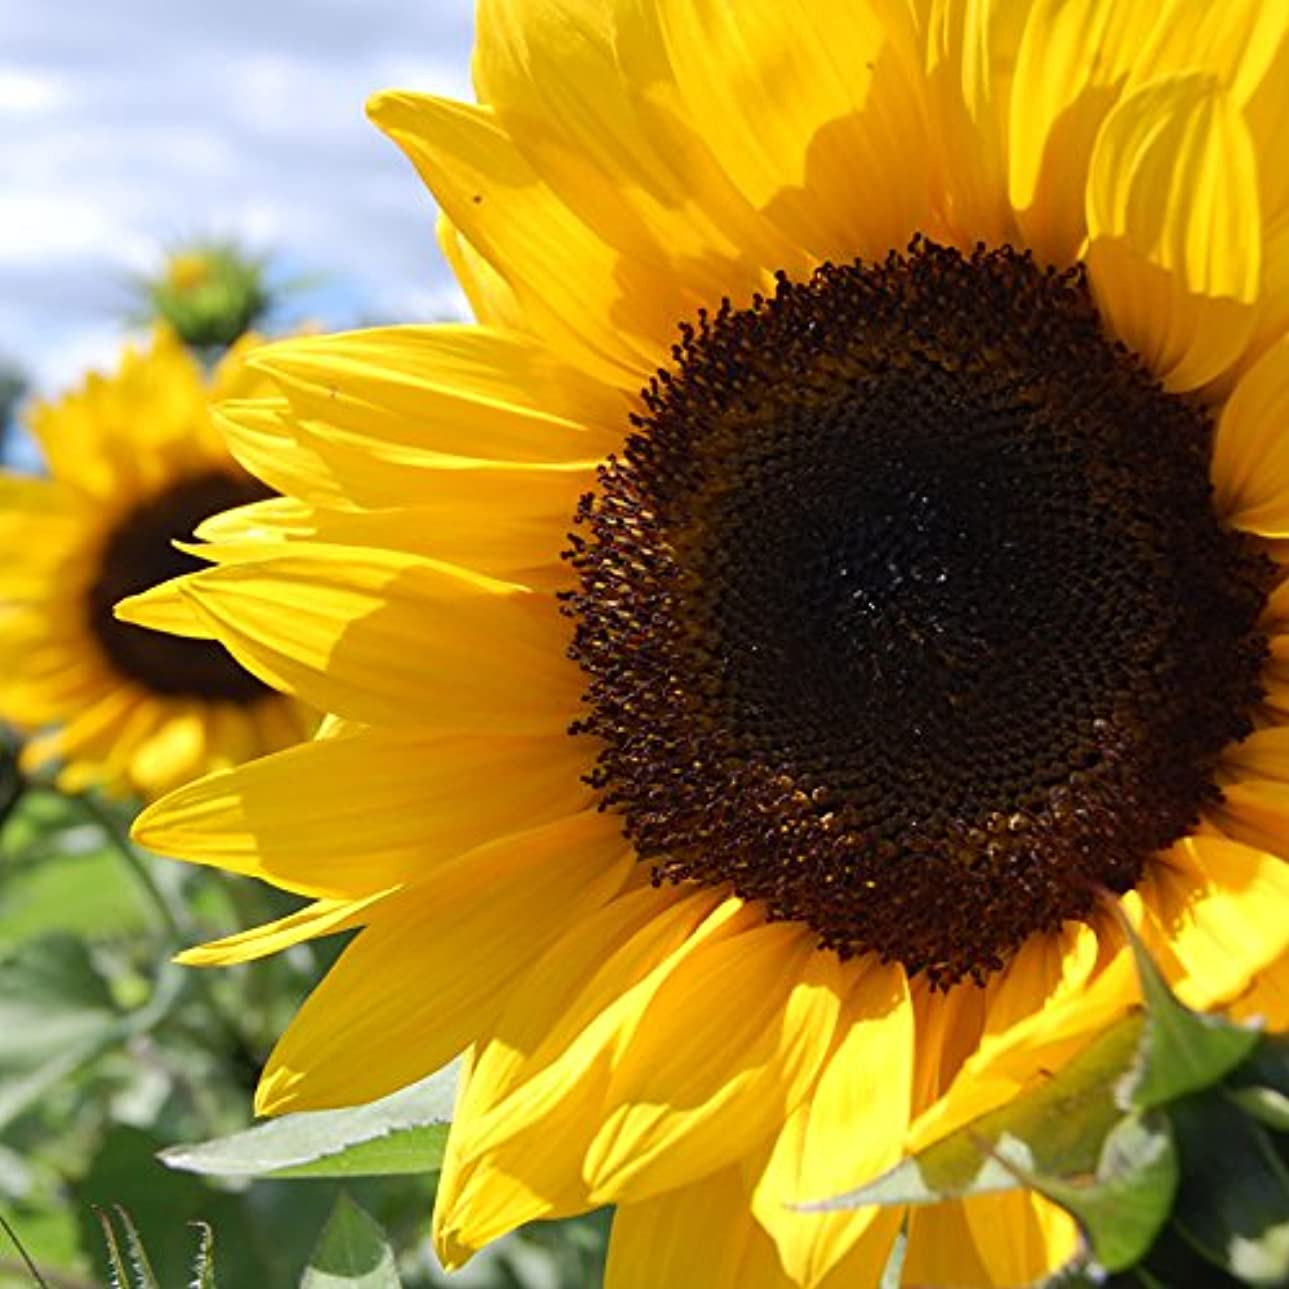 騒木製母アロマフレグランスオイル ひまわり(Sunflower)